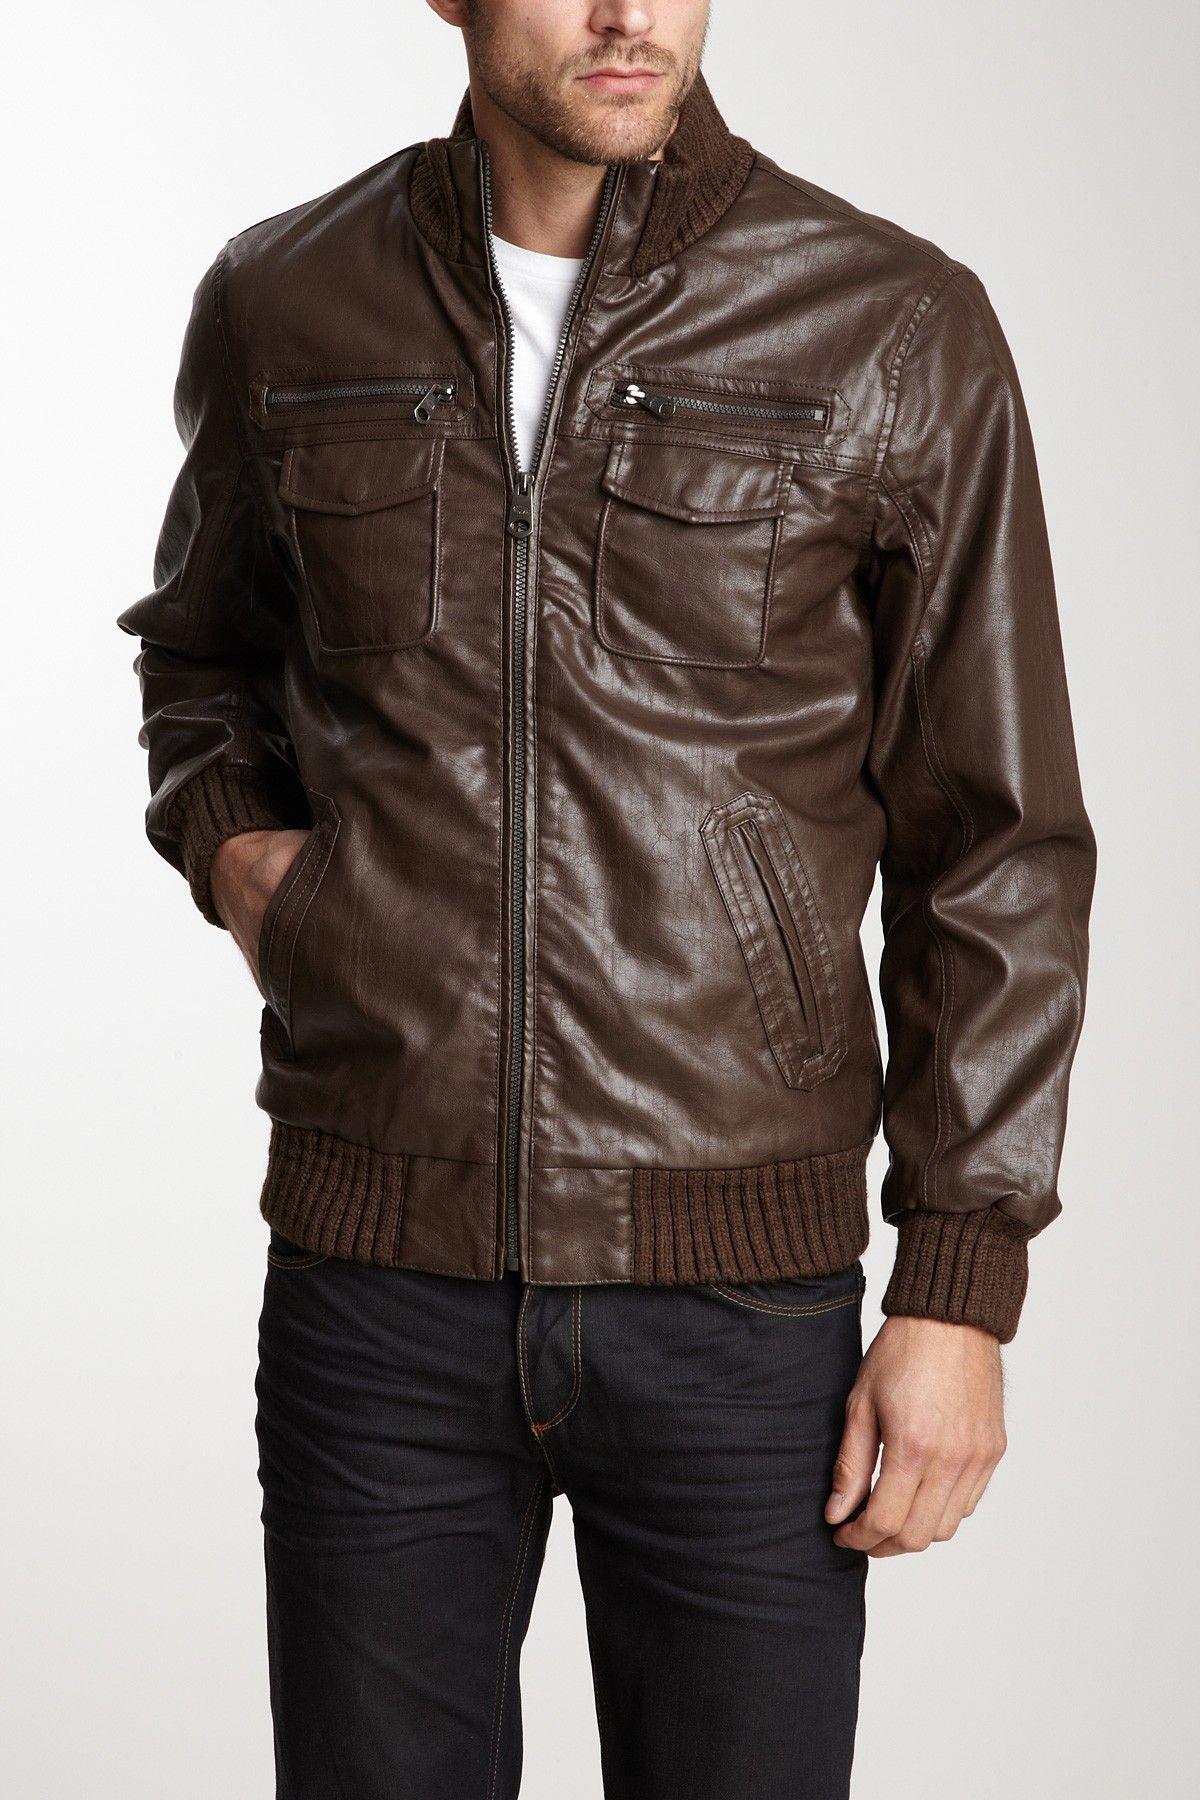 Buffalo David Bitton Leather Jacket Leather Jacket Jackets Leather [ 1800 x 1200 Pixel ]